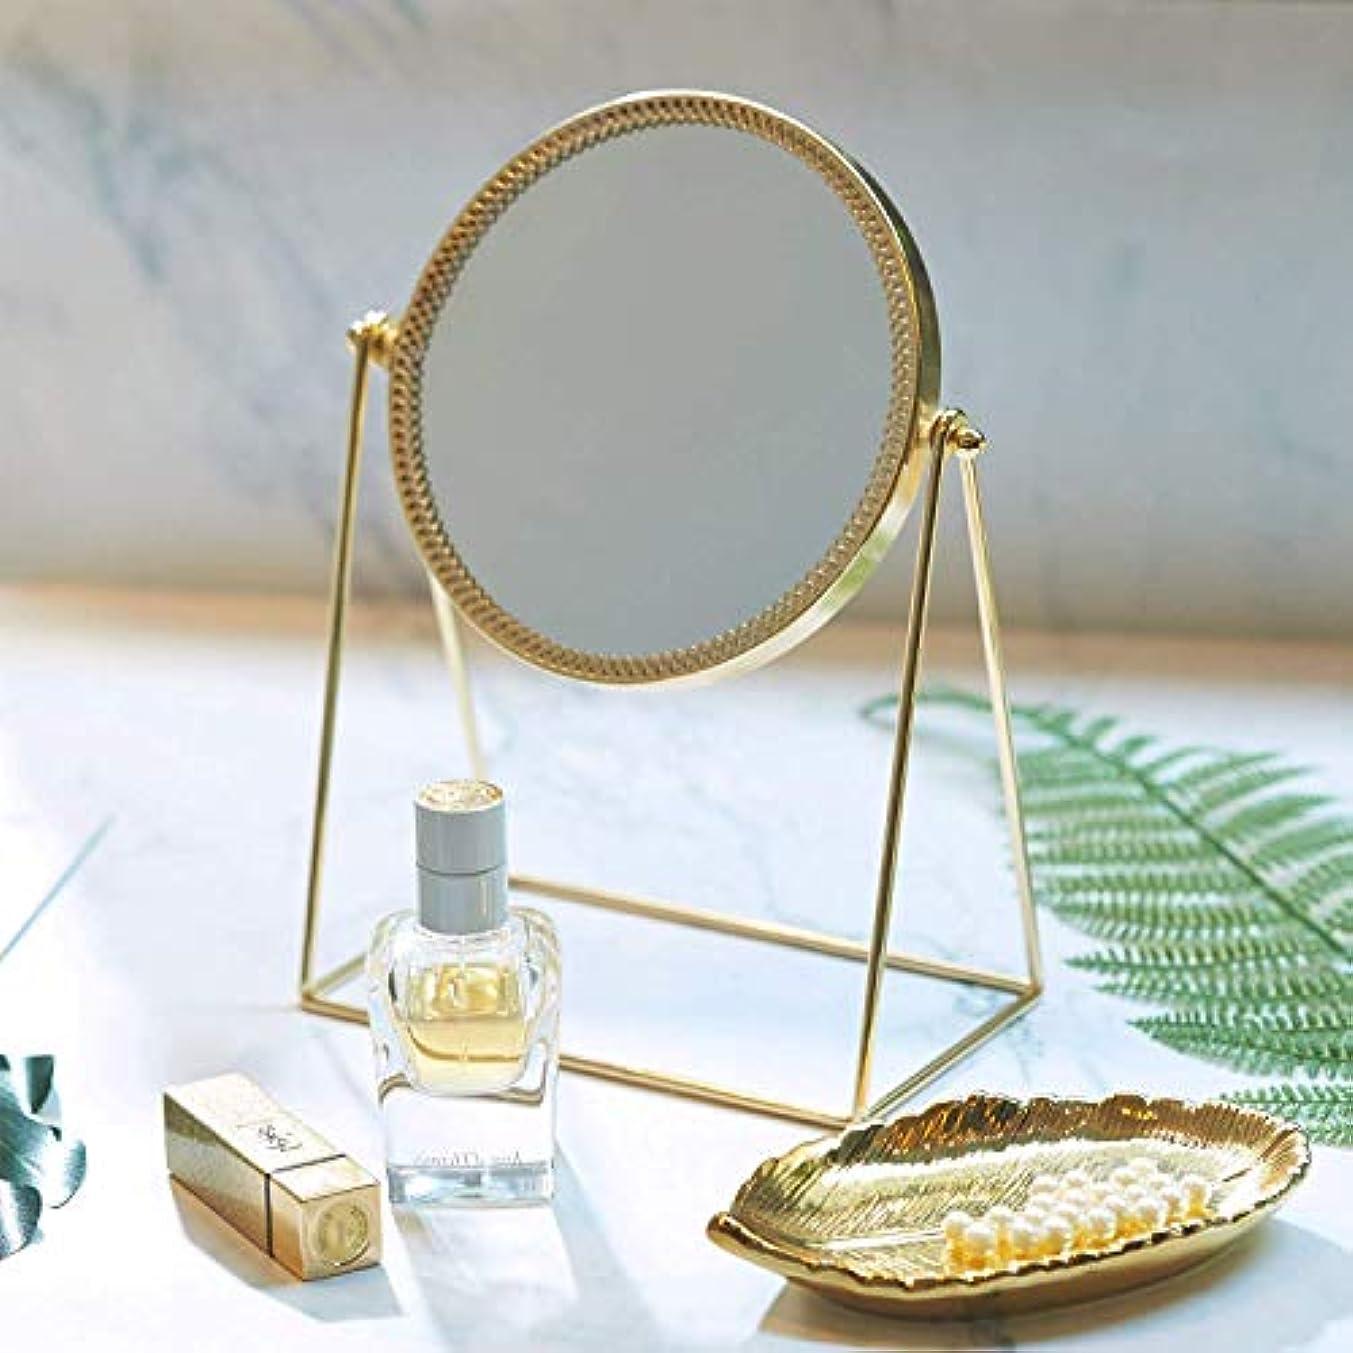 MQQ シングル化粧鏡両面化粧鏡ヴィンテージ360°回転金属製テーブルミラーラウンド化粧鏡手作り化粧鏡ドレッサー化粧台用